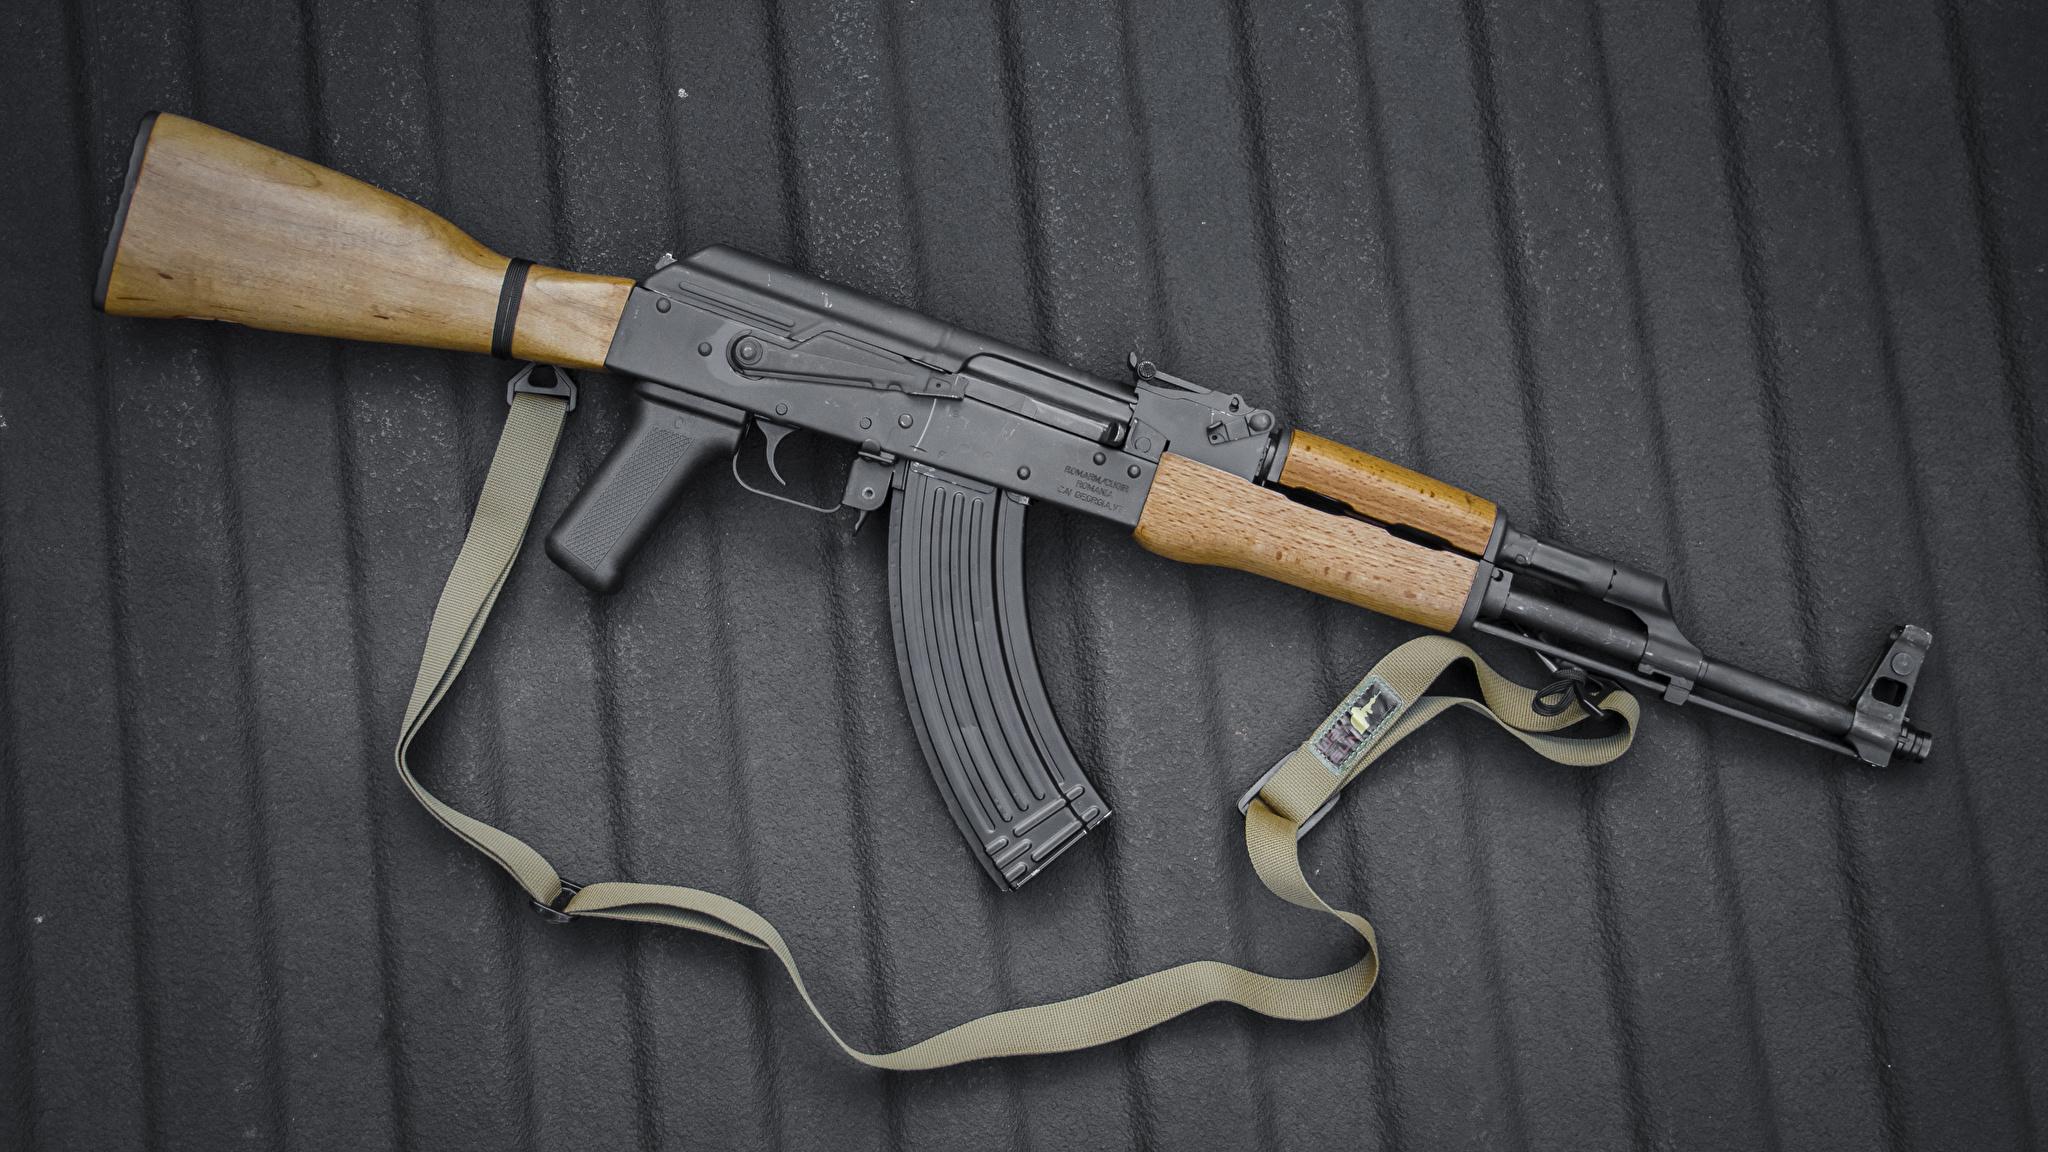 Fotos AK 47 Sturmgewehr Russische Heer 2048x1152 Kalaschnikow